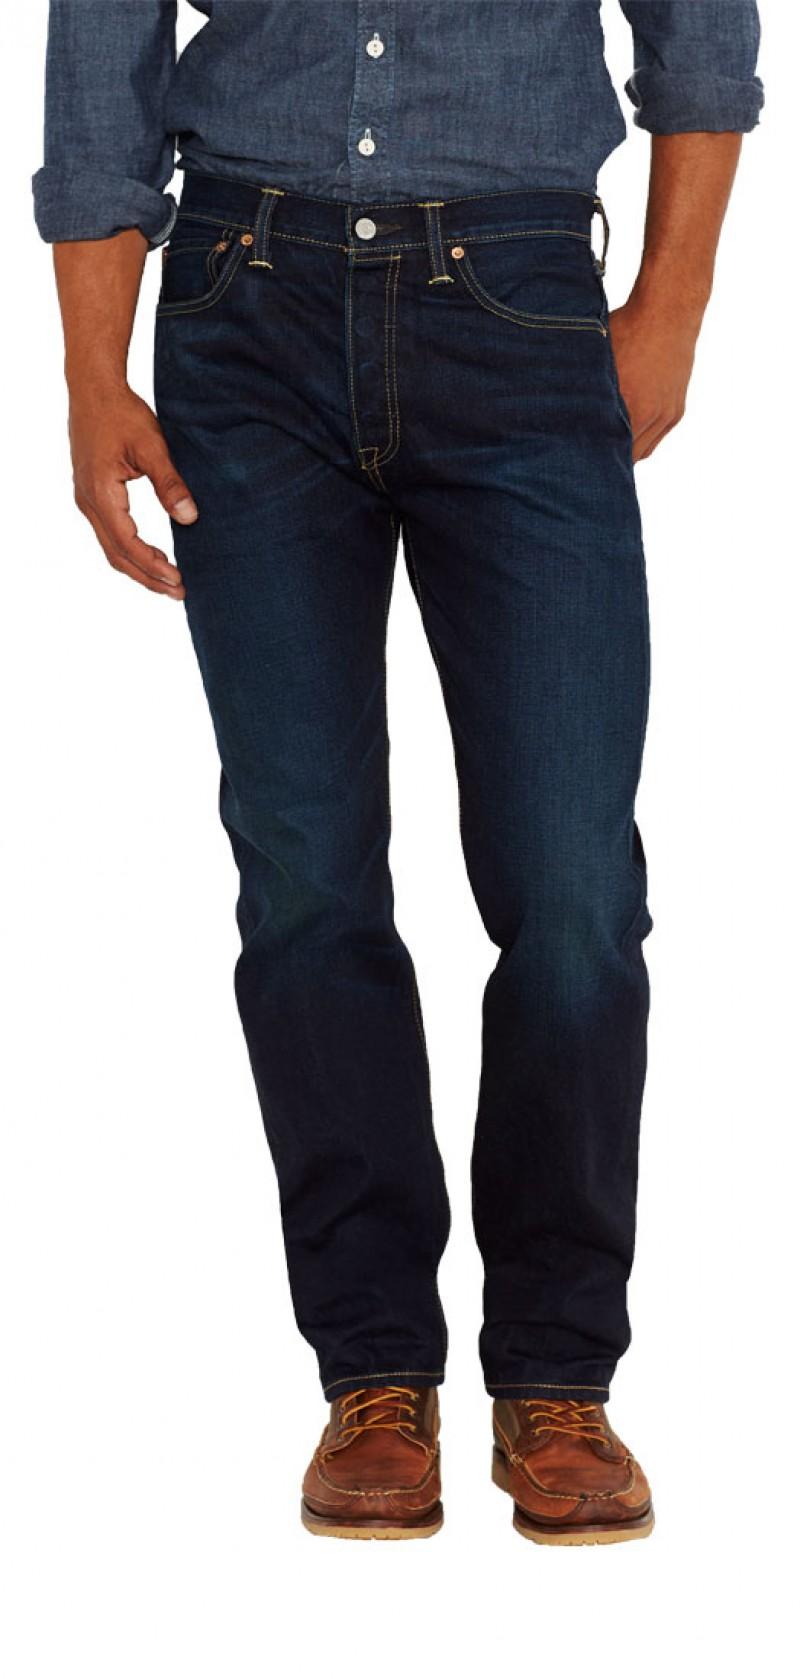 Levis 501 Jeans - ORIGINAL FIT - Carson